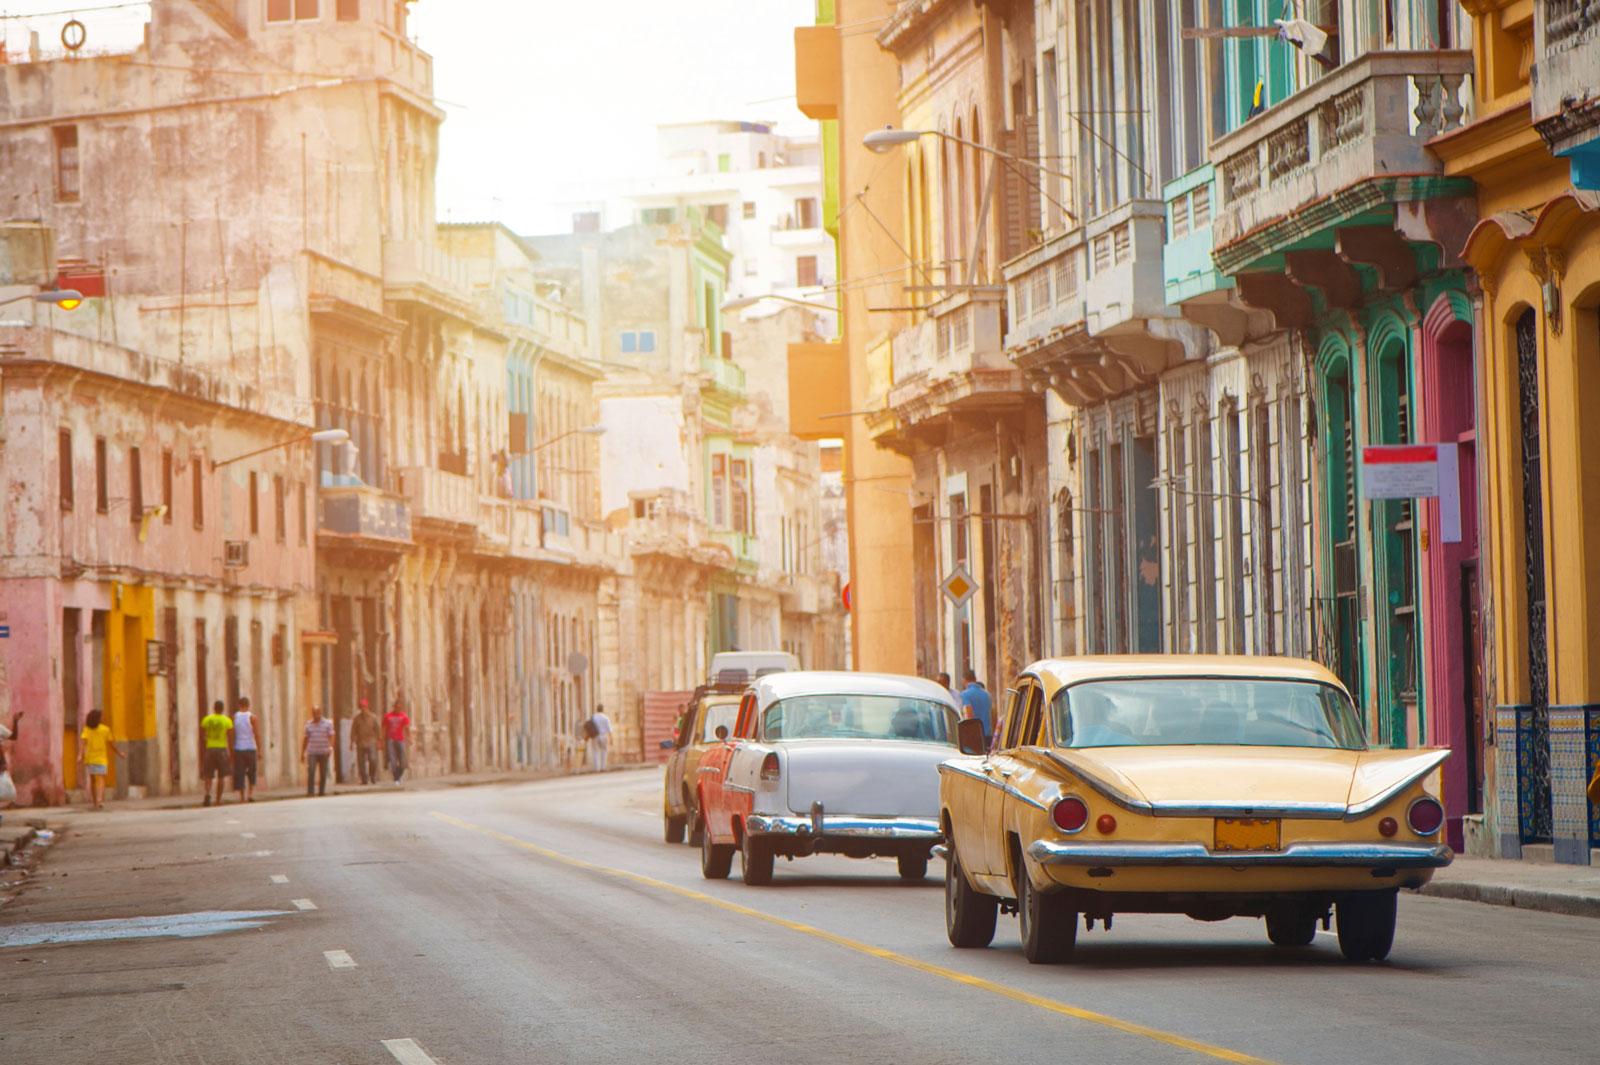 oferta paquetes viajes cuba ecuador